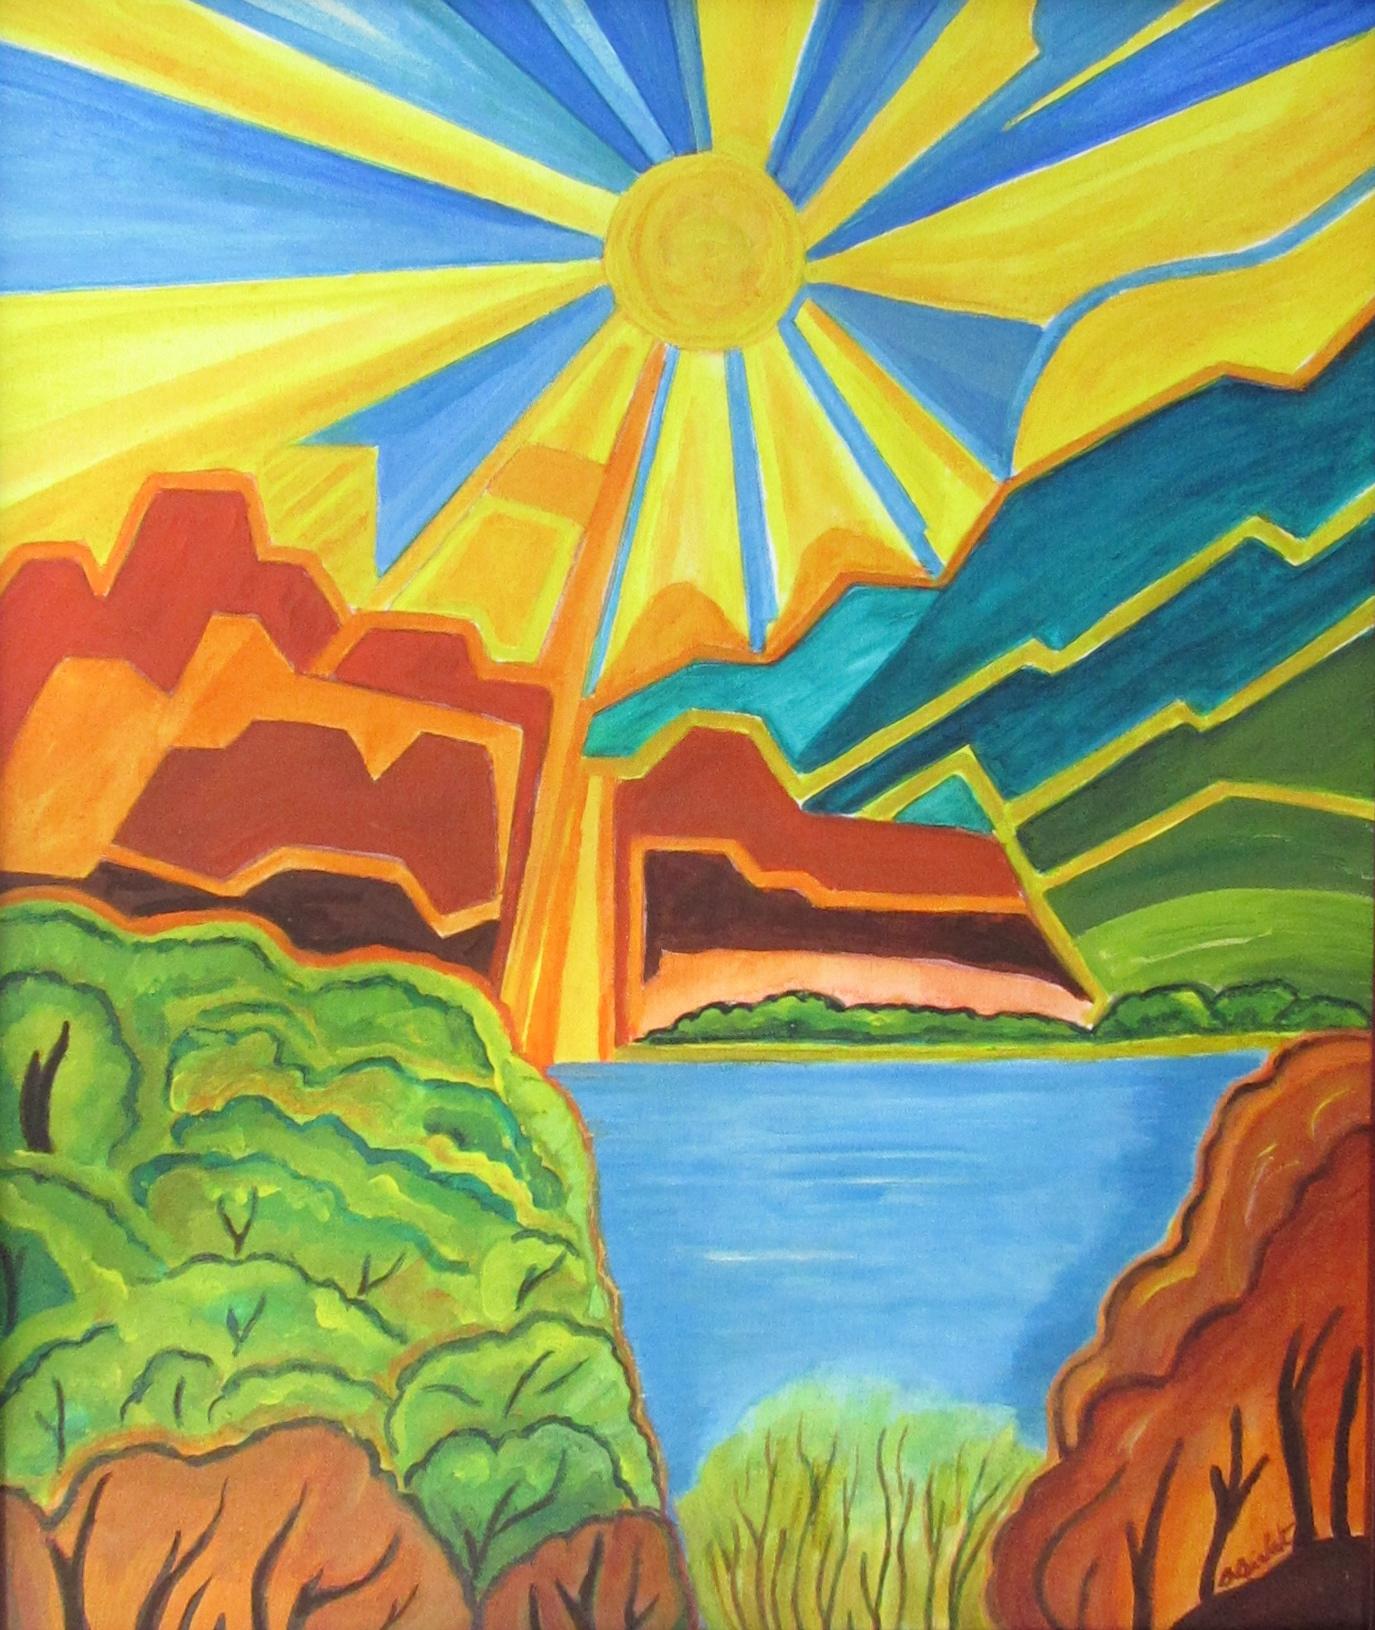 Sunflower Sky, acrylic on canvas, 20 x 14